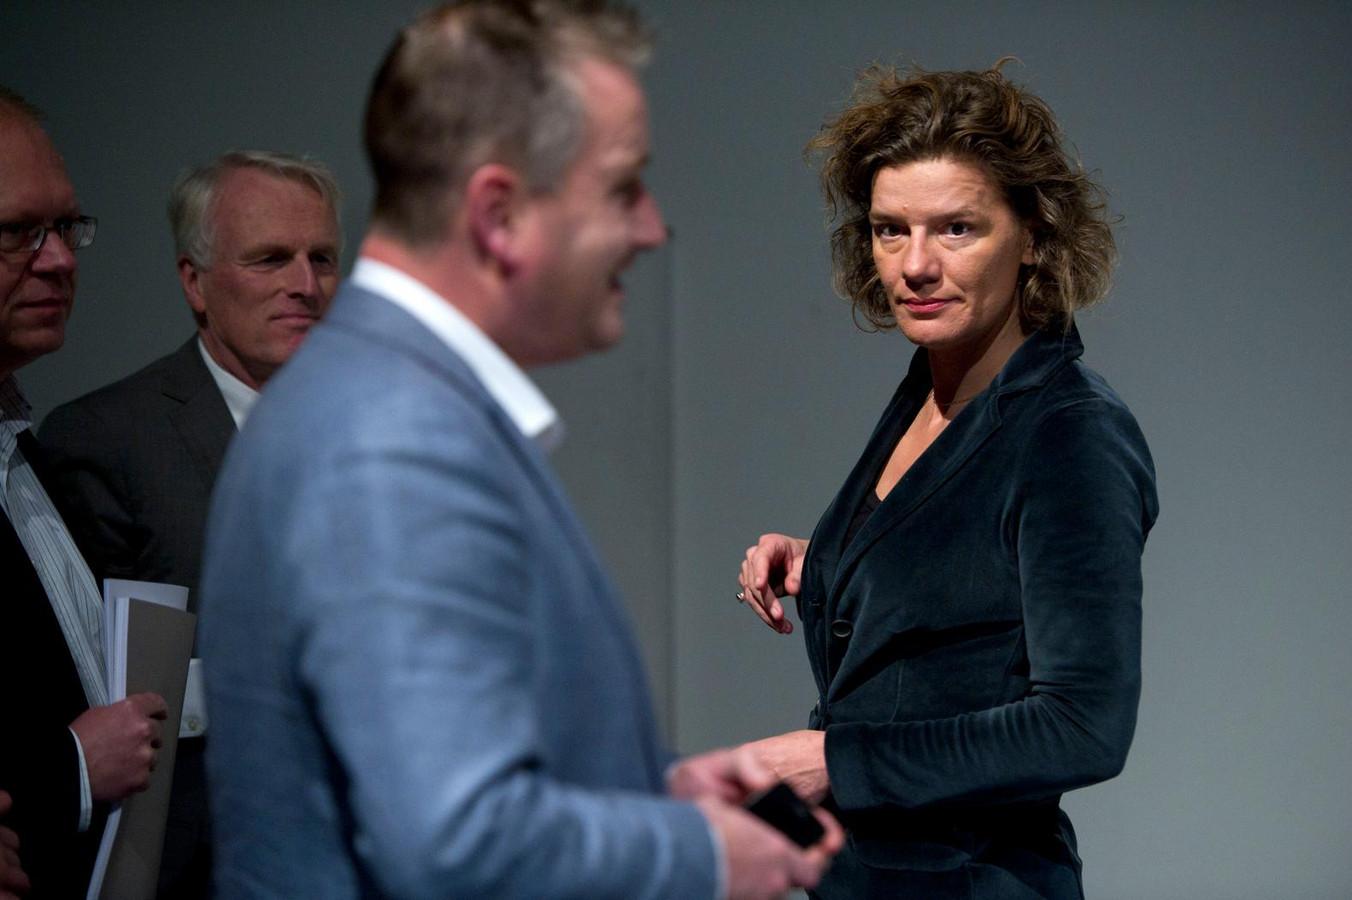 In het stadhuis zou verdeeldheid zijn over Femke Halsema of Carolien Gehrels - zie foto - als nieuwe burgemeester van Amsterdam.